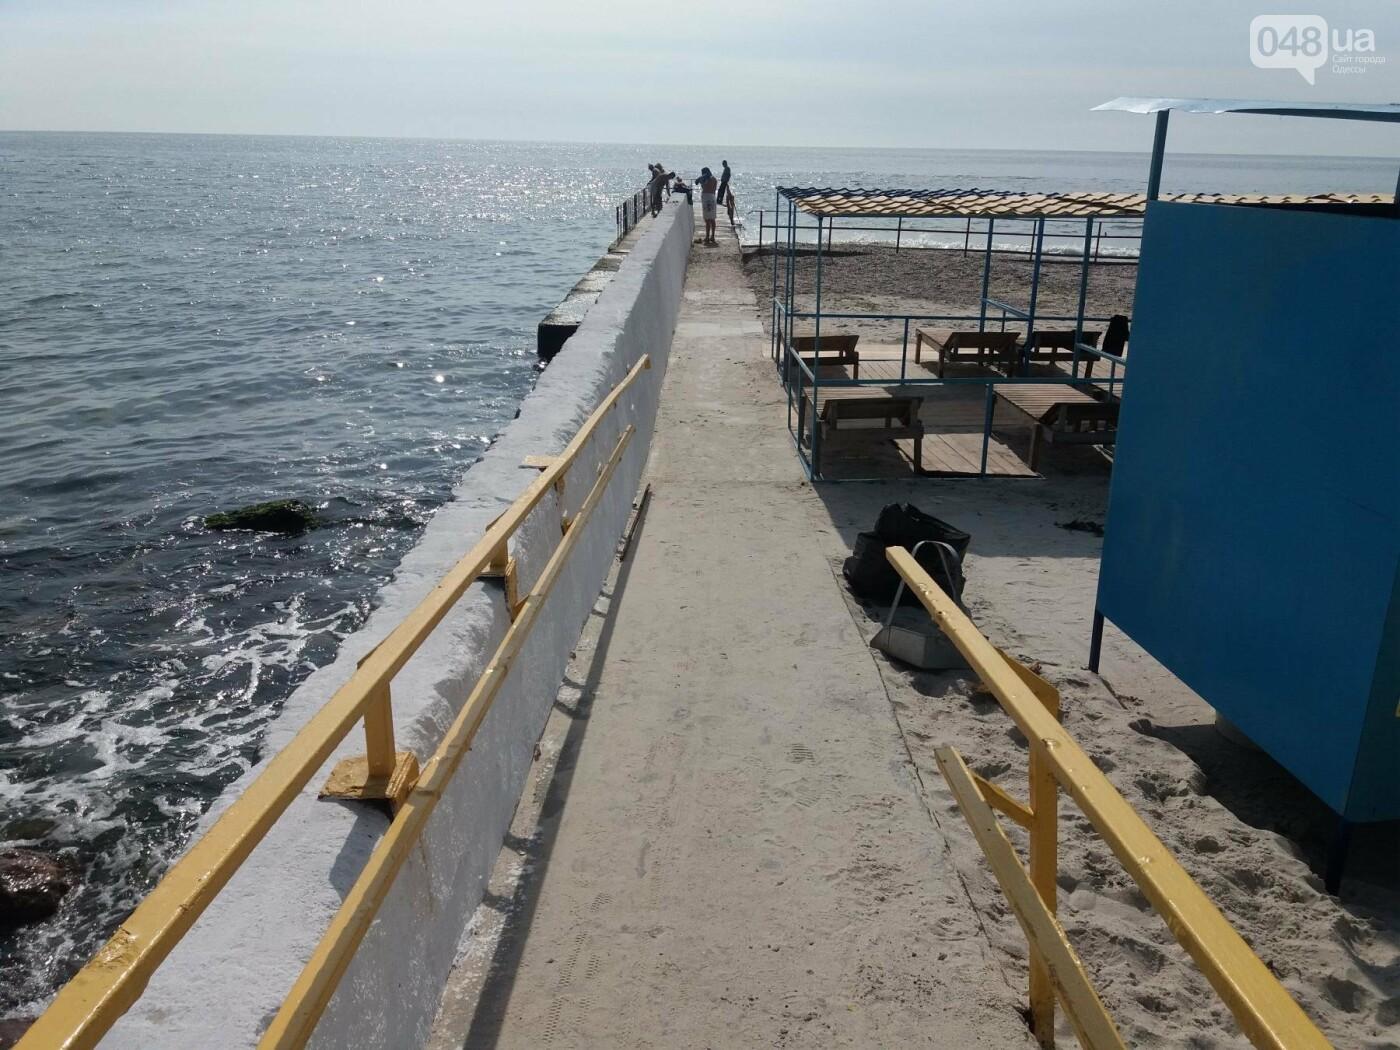 Потрясающий цинизм: как одесские чиновники благоустроили пляж для людей с инвалидностью, - ФОТО , фото-11